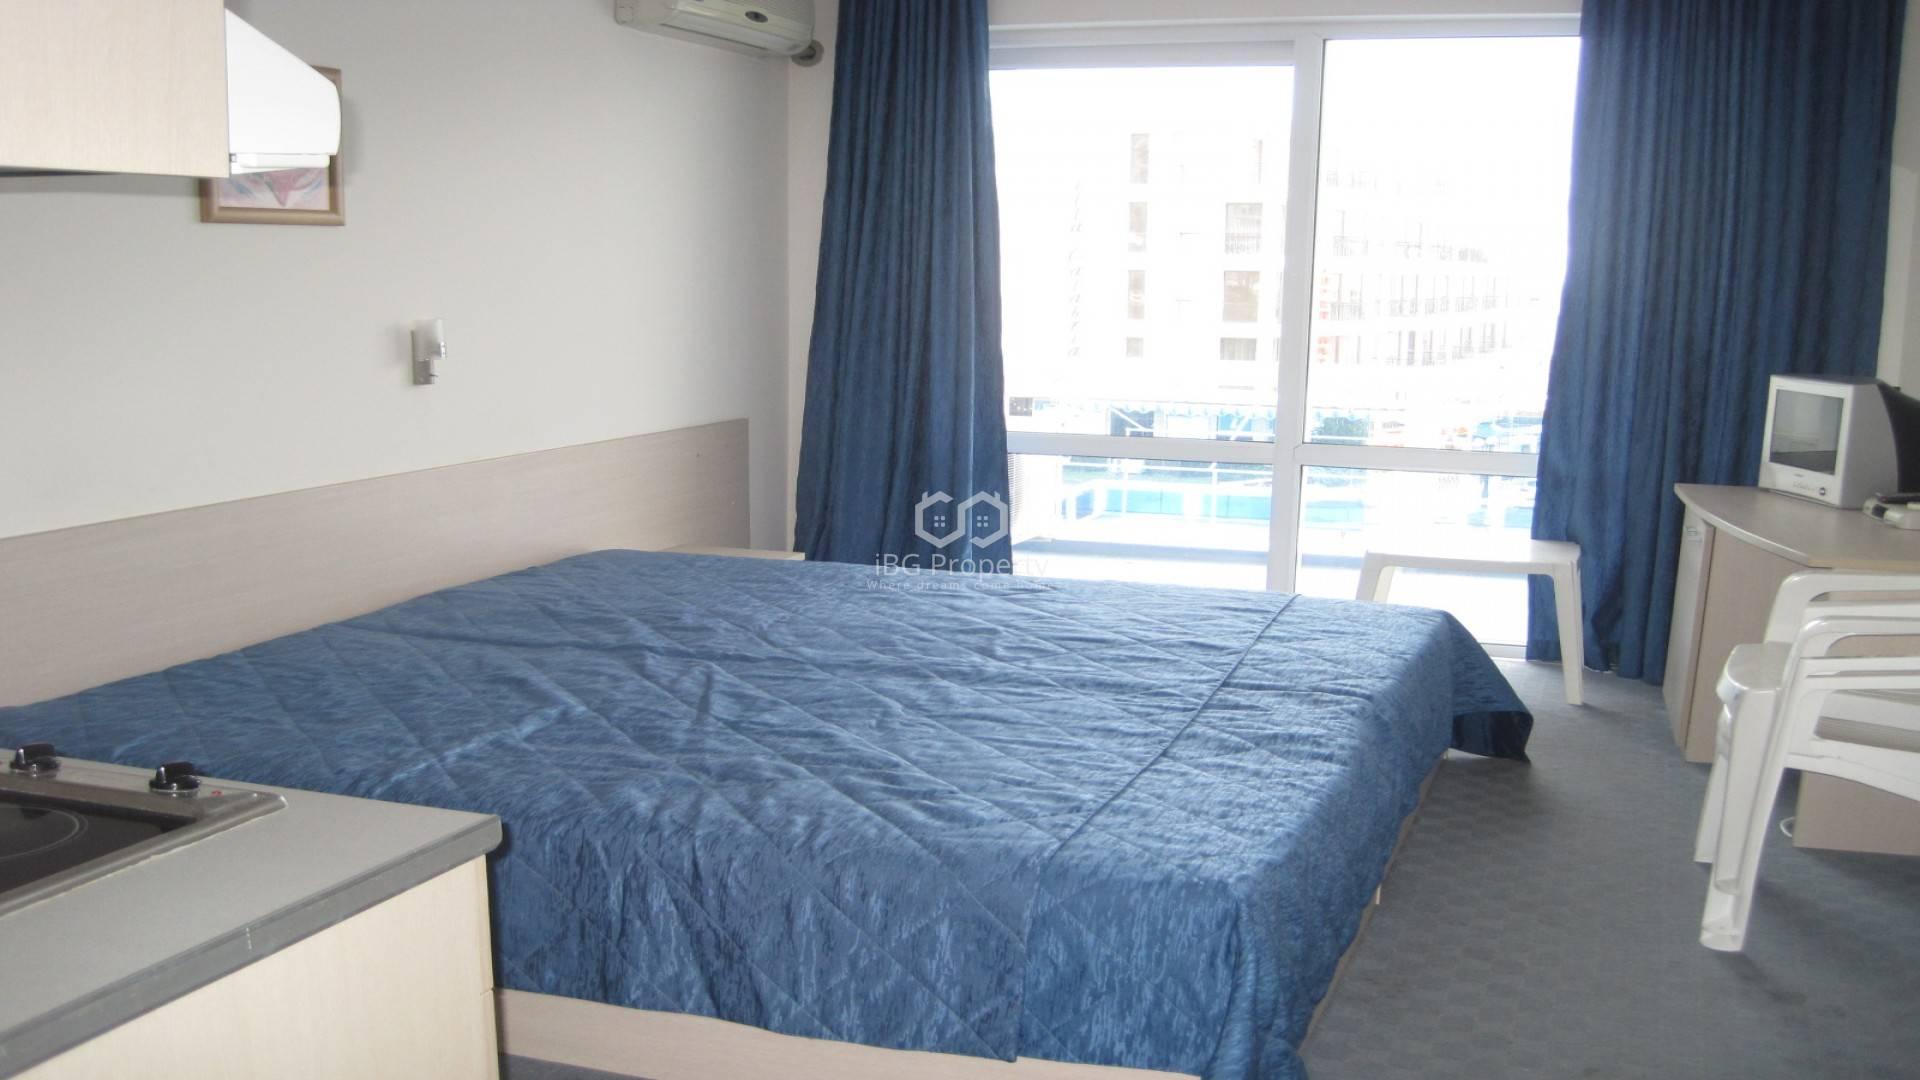 Einzimmerwohnung in Sonnenstrand 30 m2